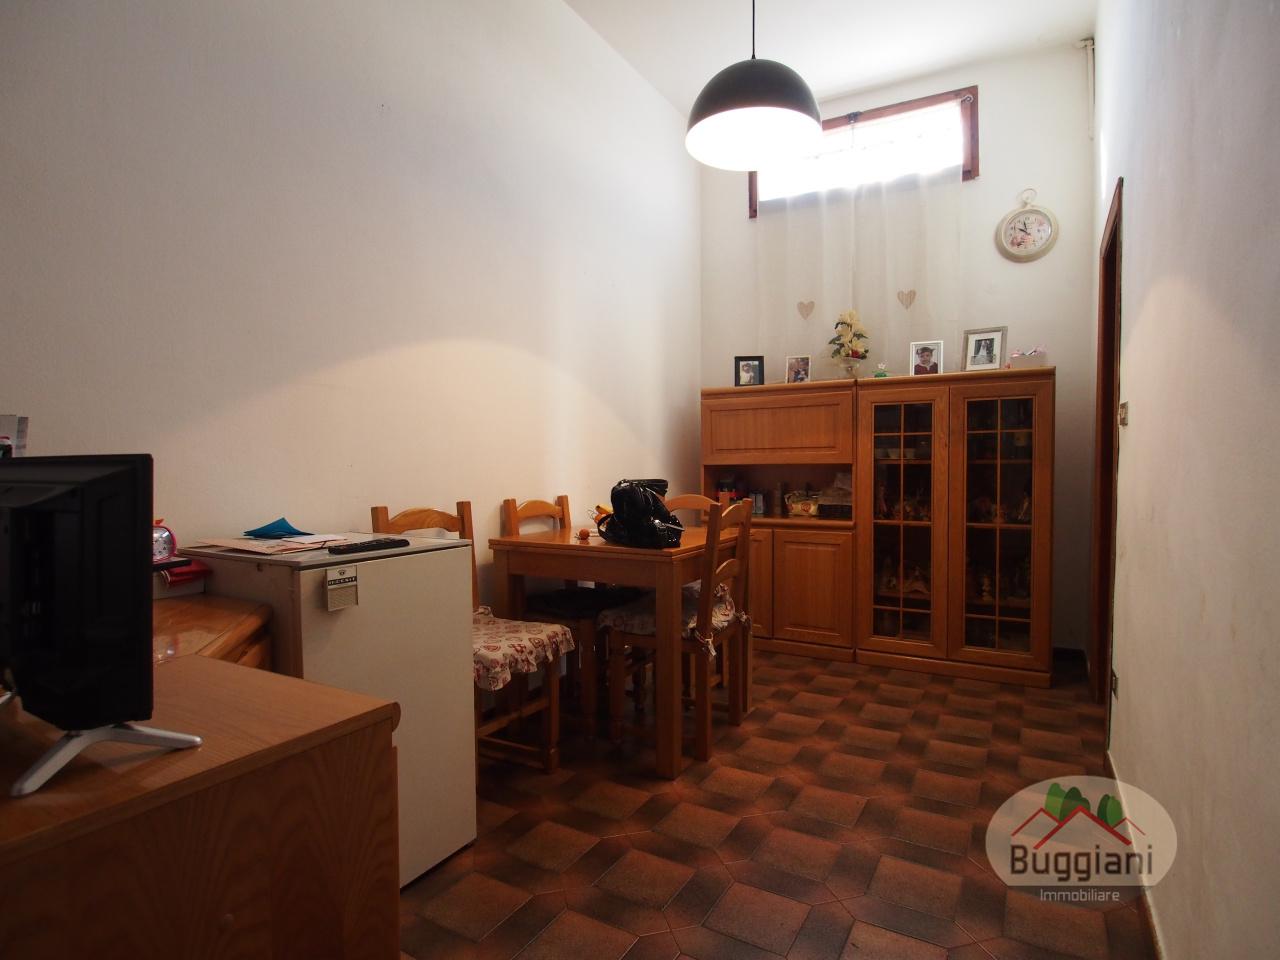 Appartamento in vendita RIF. 1649, Fucecchio (FI)